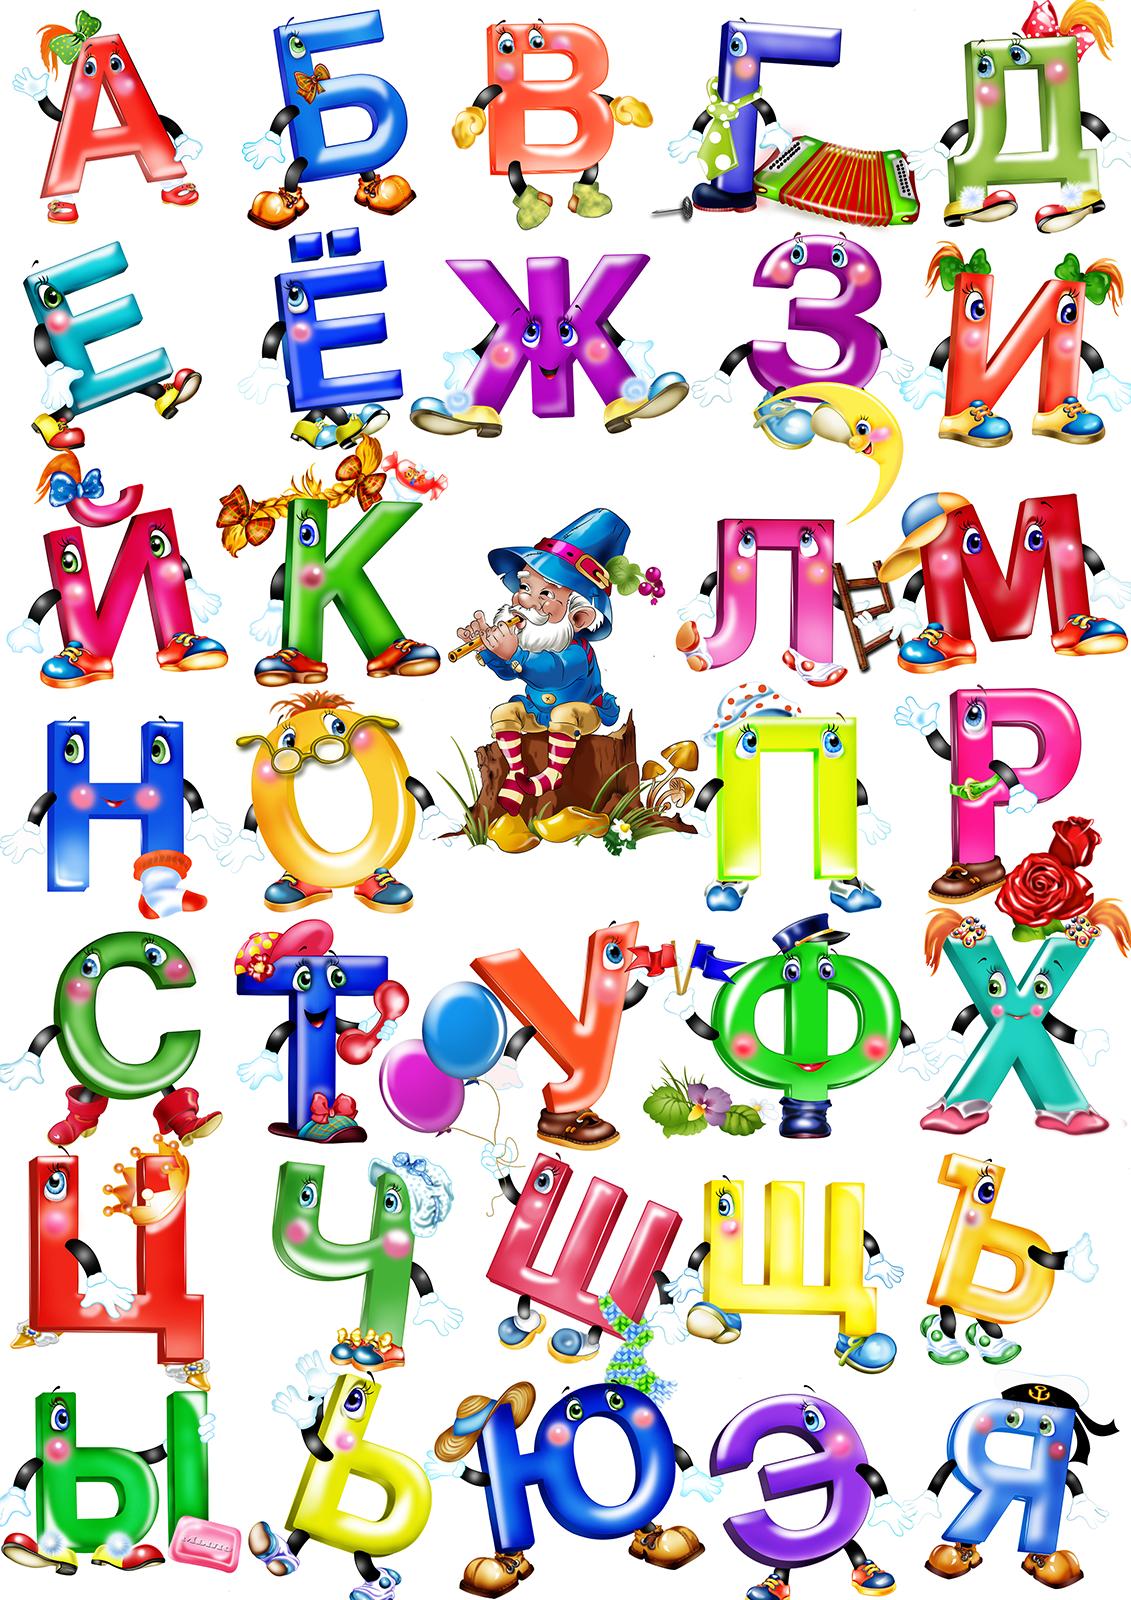 Картинки смешной алфавит, рукописный шрифт для